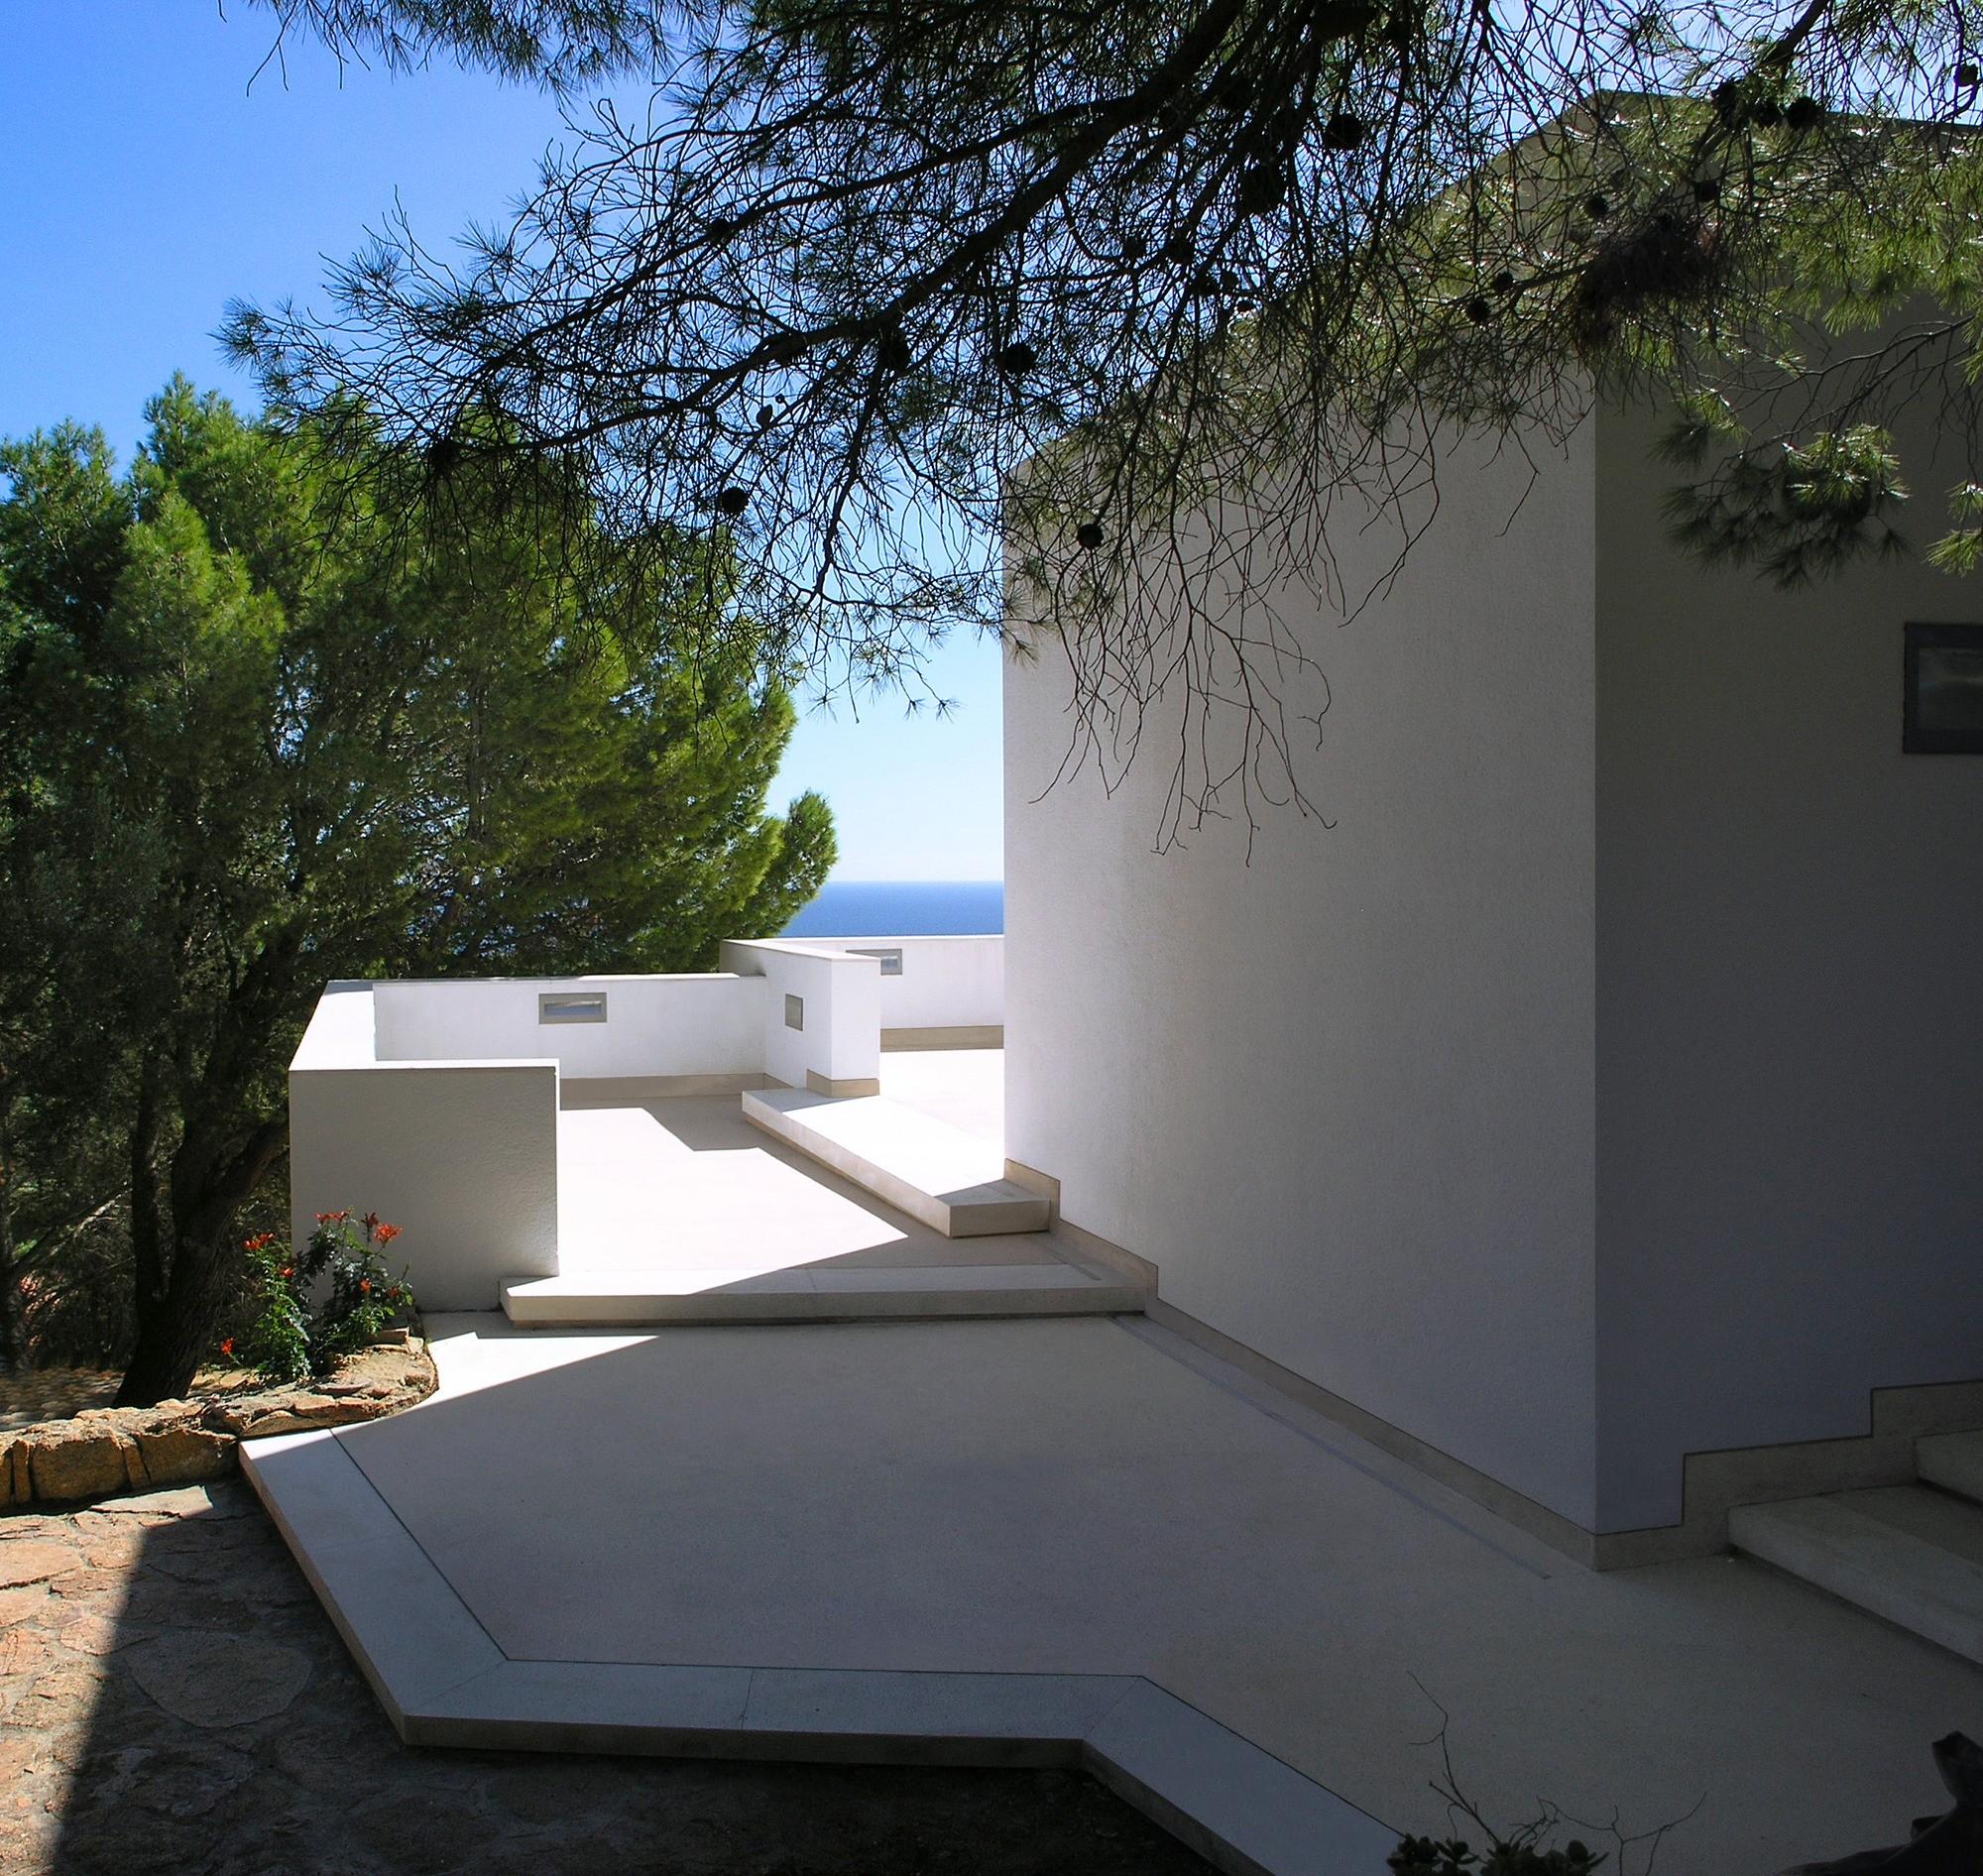 Дом на южном побережье Сардинии, связанный с географическим и культурным контекстом